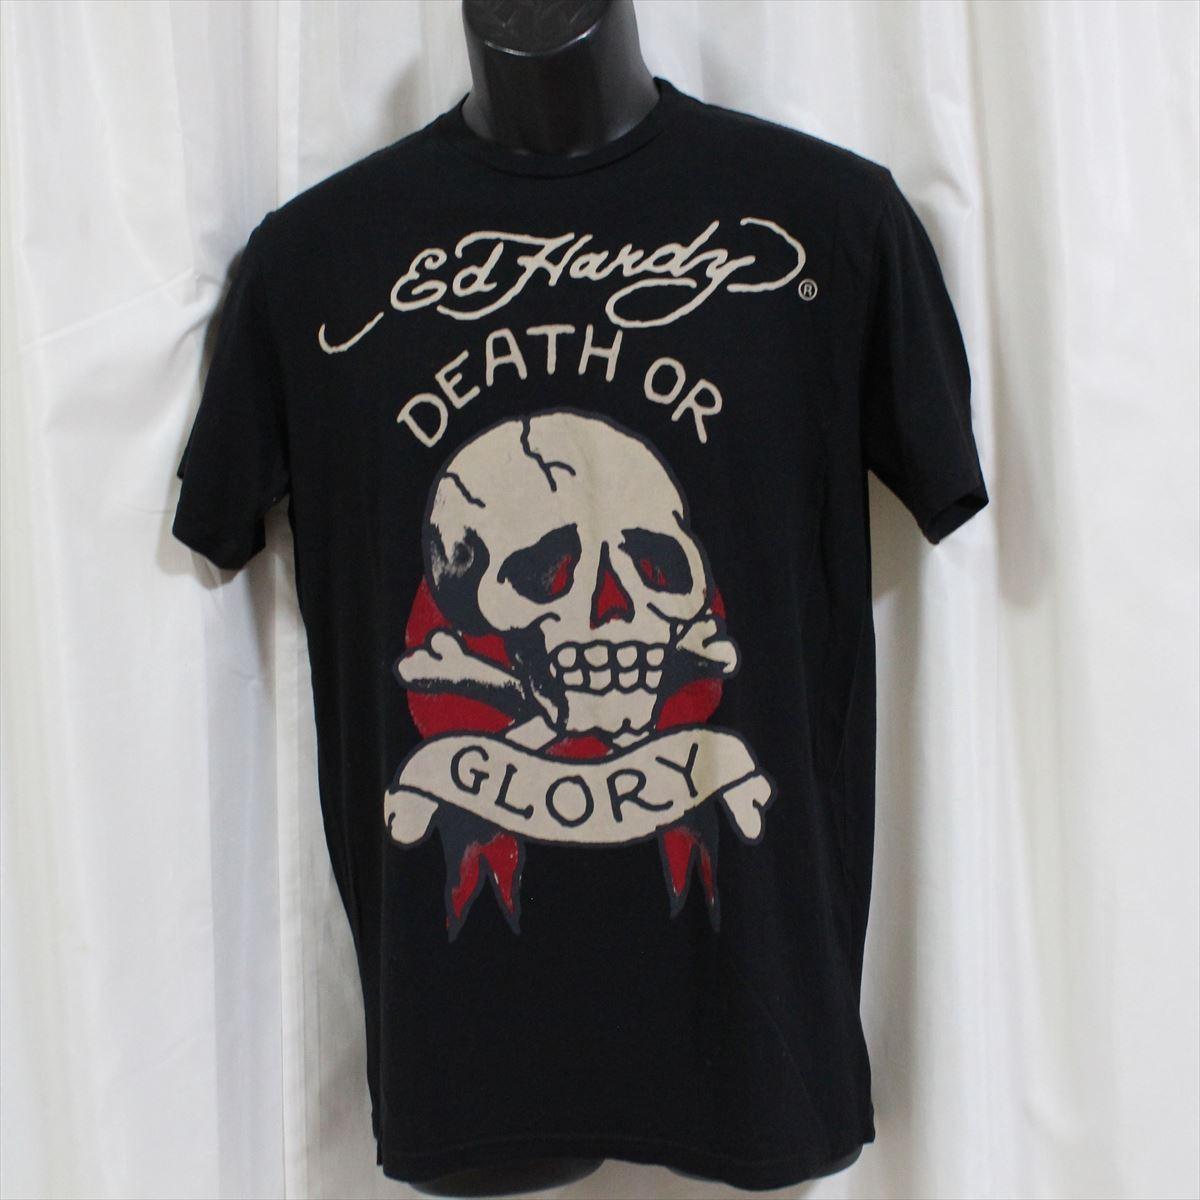 エドハーディー ED HARDY メンズ半袖Tシャツ ブラック Sサイズ DEATH OR GLORY 新品_画像1